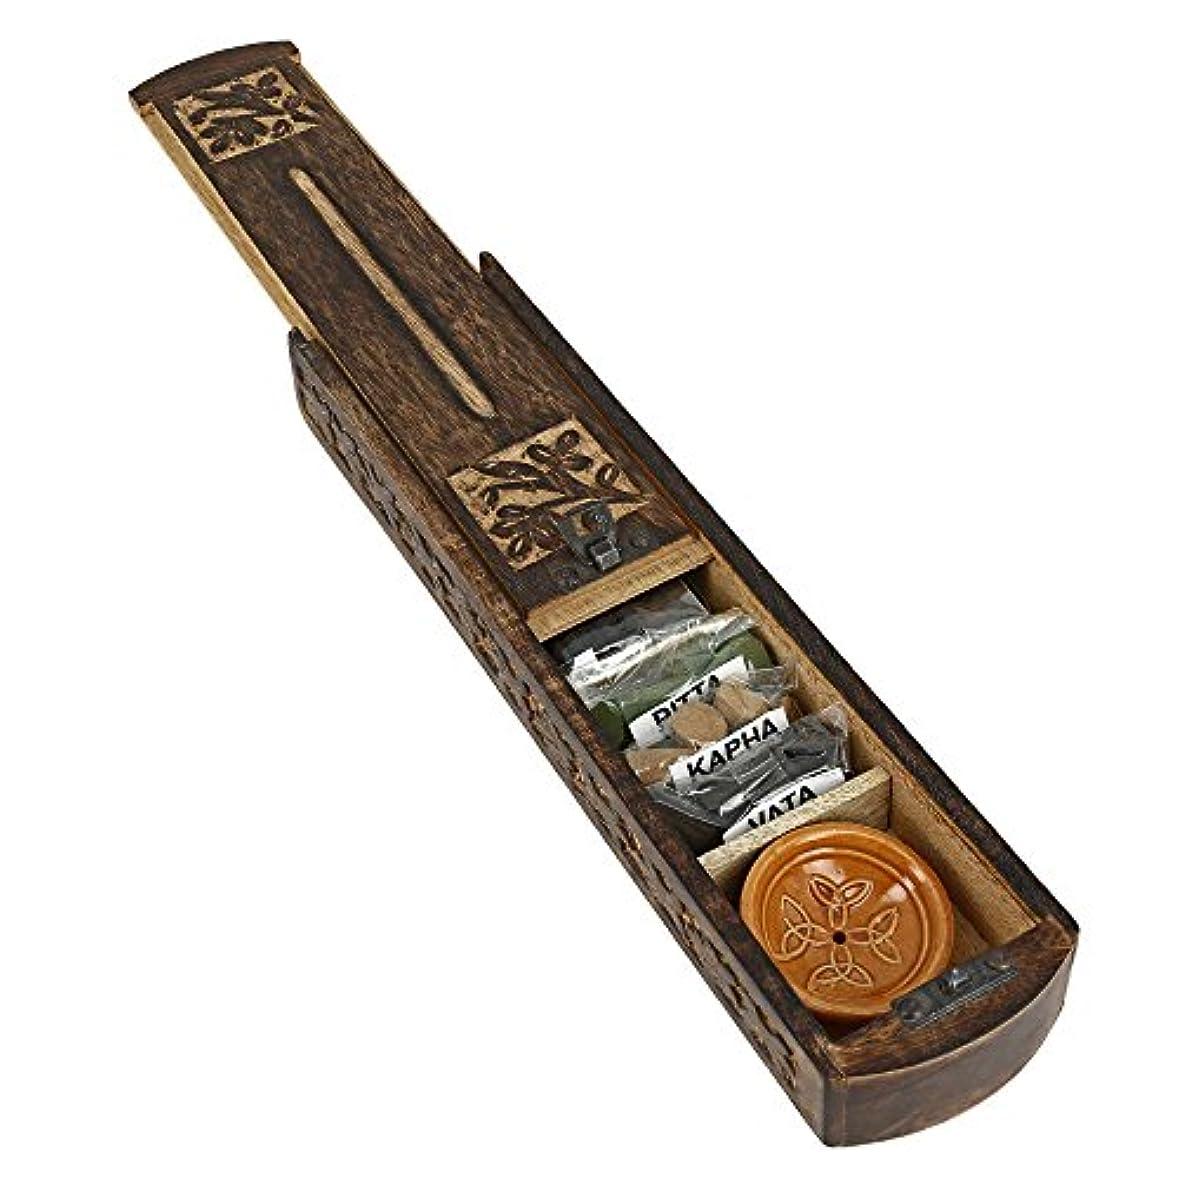 旧正月そばに独裁者Handmade Indian Wooden Incense Burner and Storage Box with Ayurveda Vata Pitta Kapha Incense & Ceramic Holder...